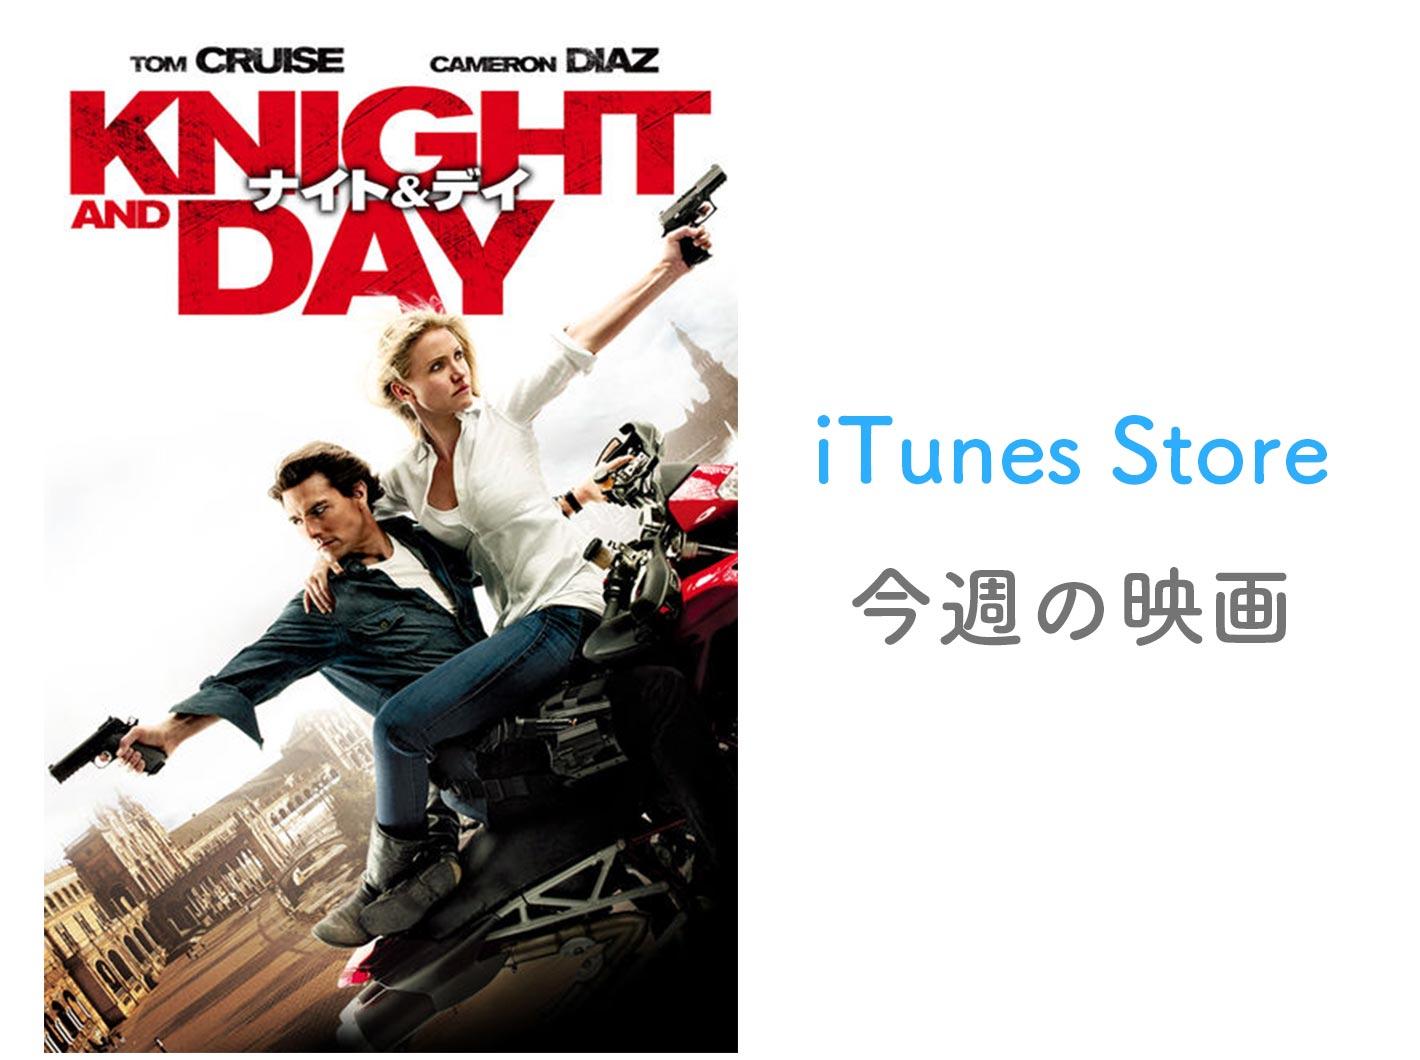 【レンタル100円】iTunes Store、「今週の映画」として「ナイト&デイ」をピックアップ